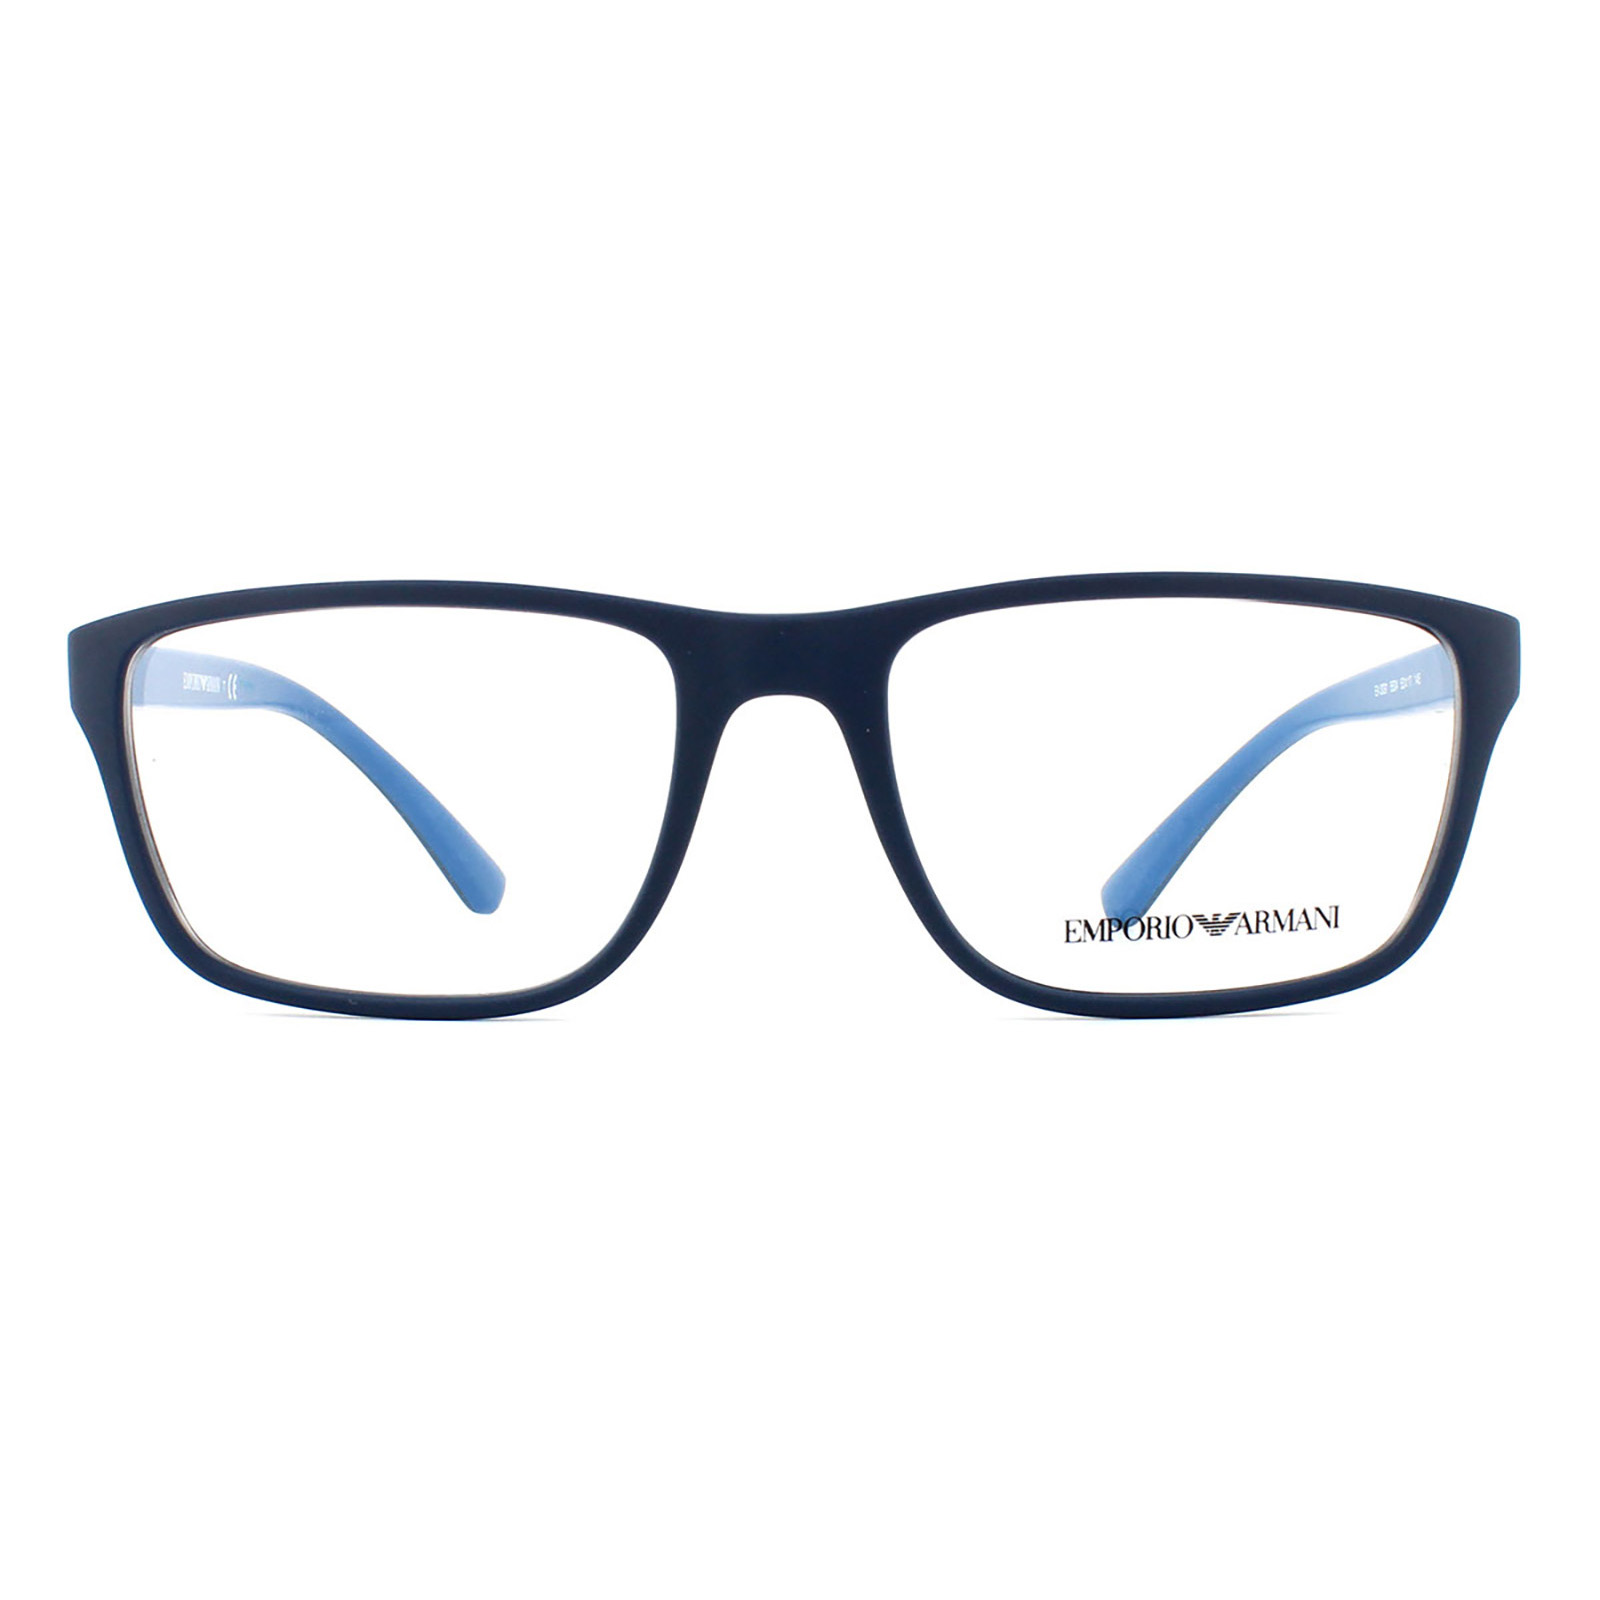 emporio armani 3091 glasses frames thumbnail 2 - Emporio Armani Glasses Frames